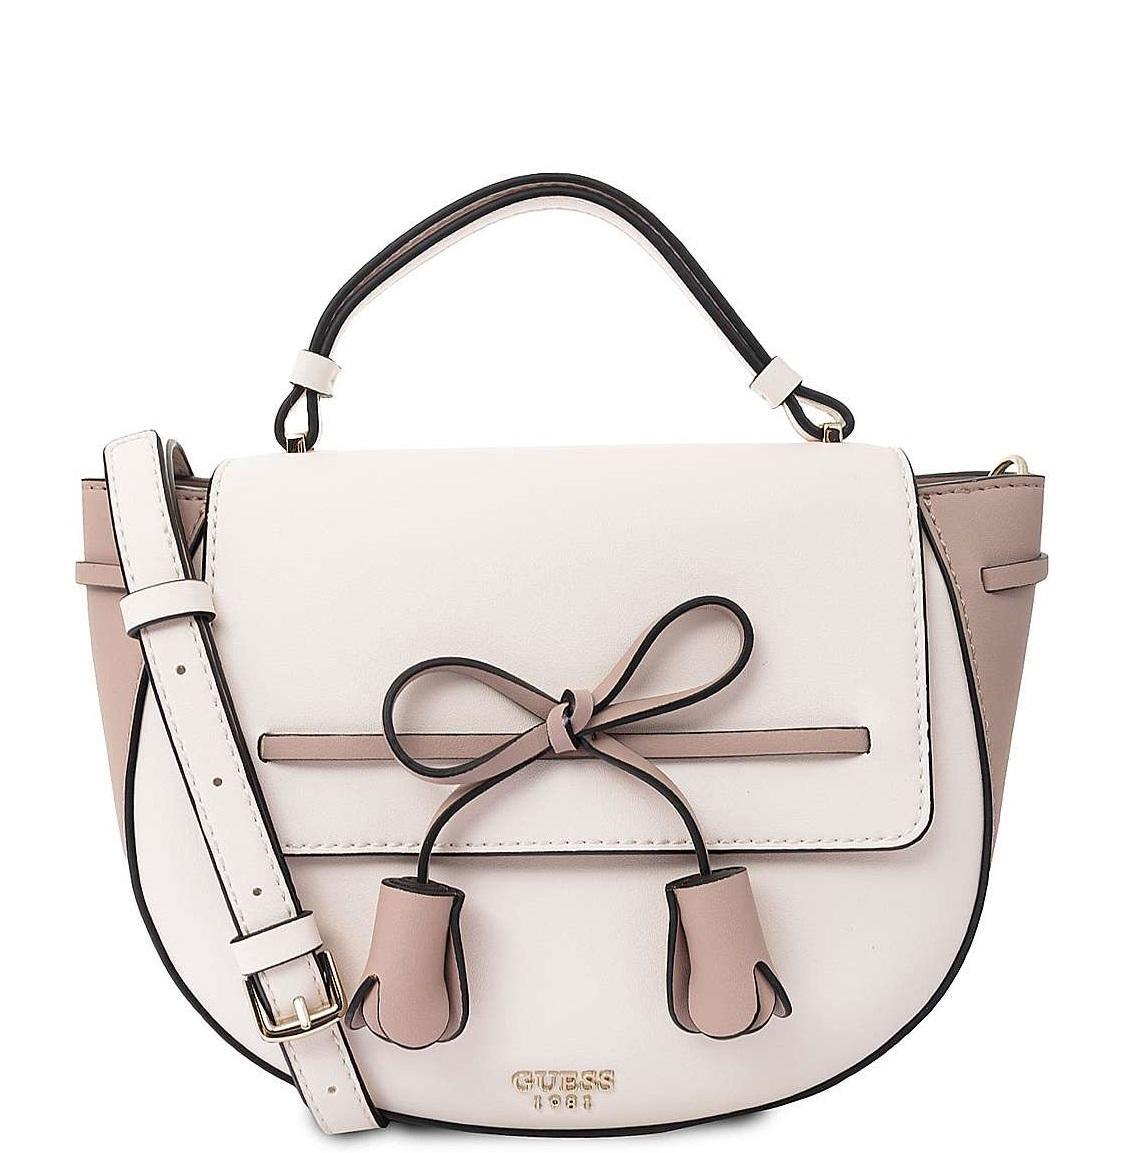 Guess Leila Shoulder Bag Shellmulti - Shop Online At Best Prices! 52d14ce0af74f